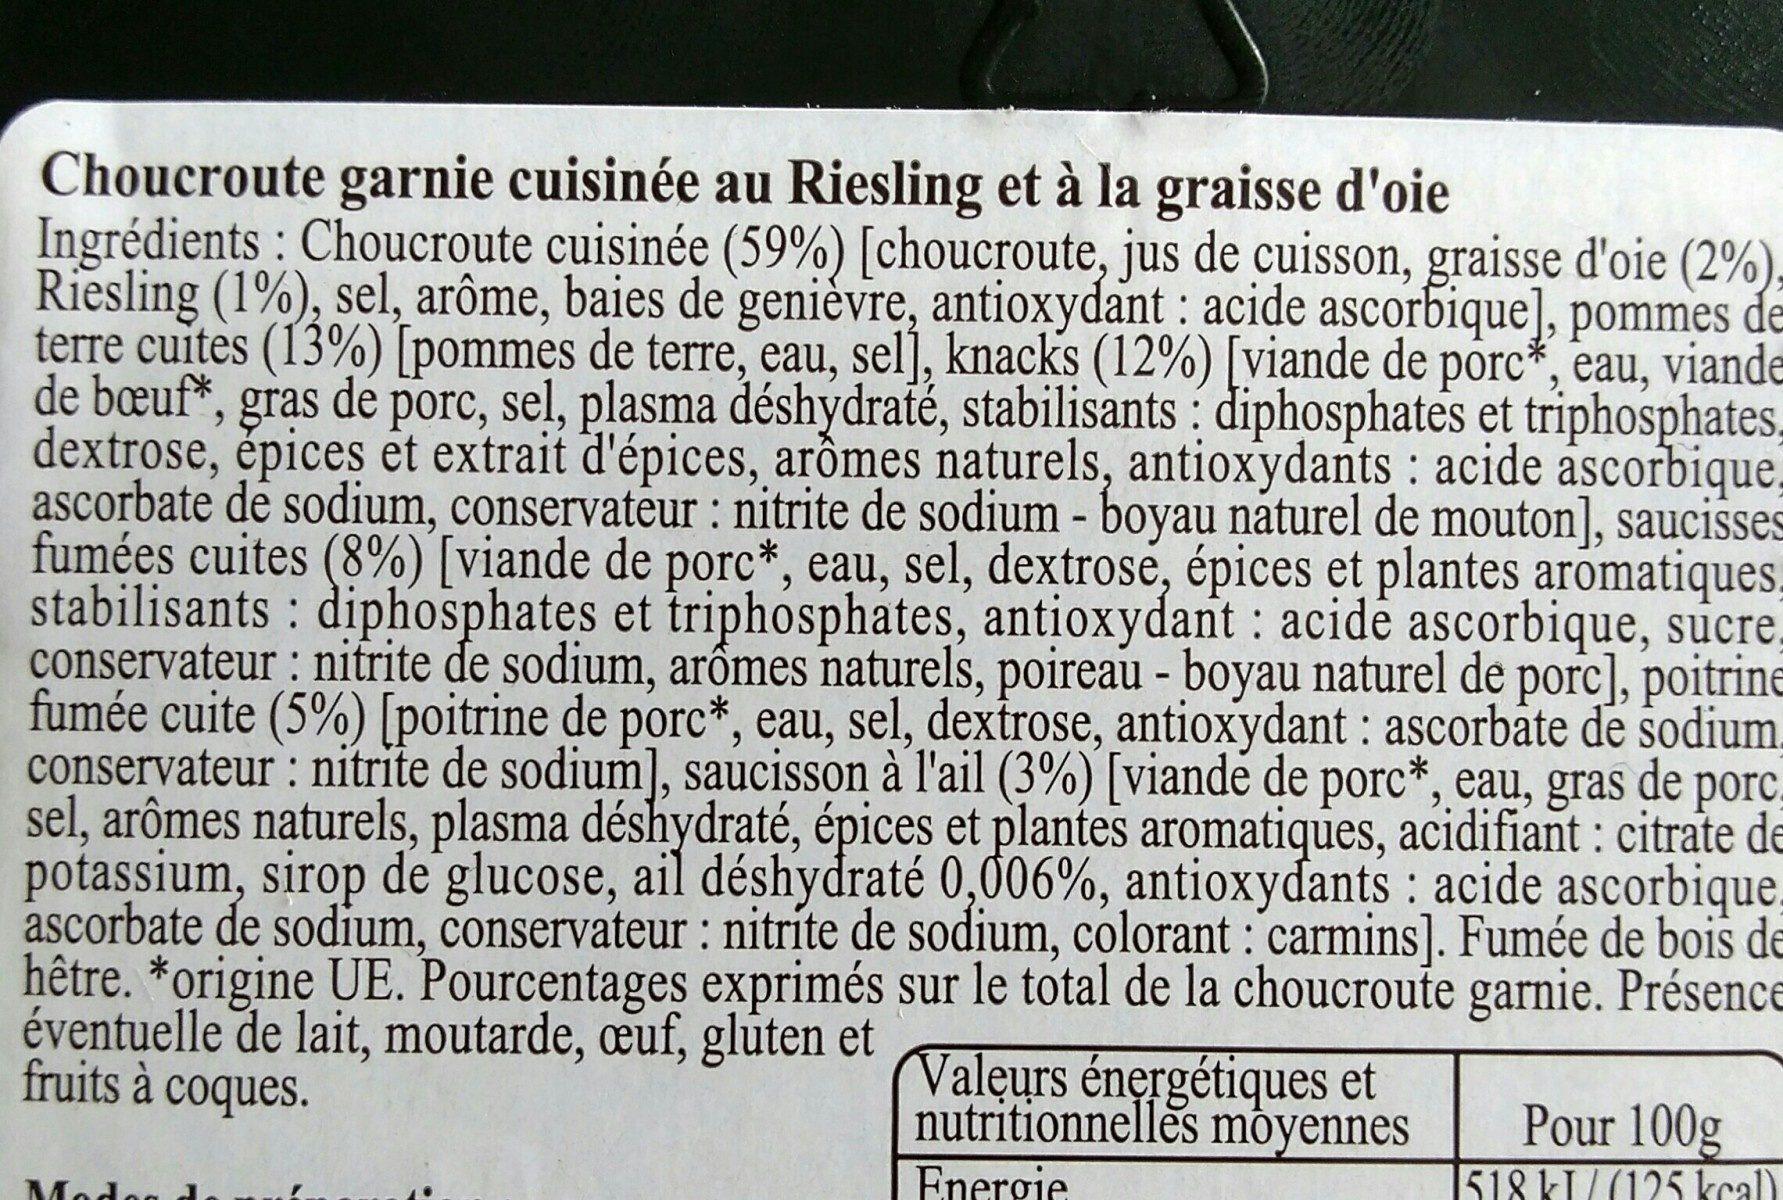 Choucr.garnie 950G Dbf, - Ingrédients - fr